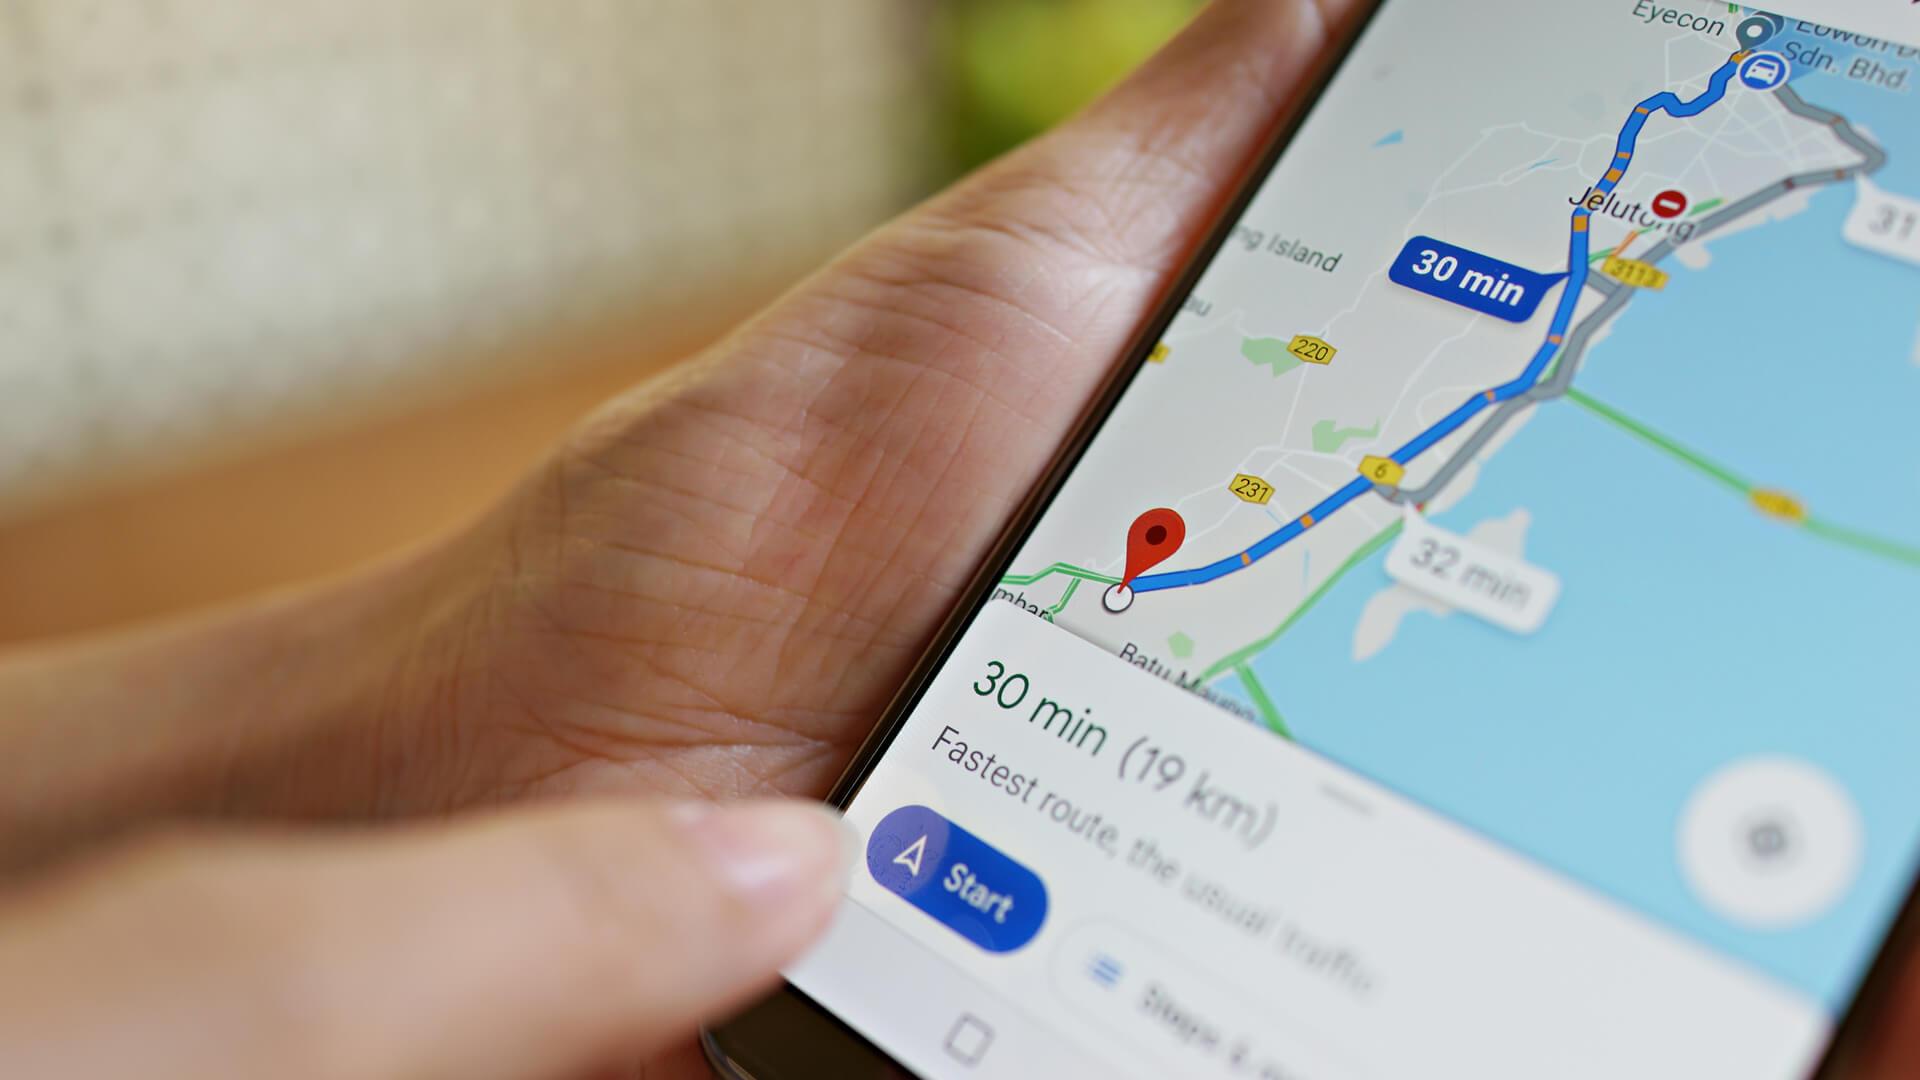 Informe de rendimiento de Google My Business que agrega solicitudes de indicaciones para conducir y visitas al sitio web